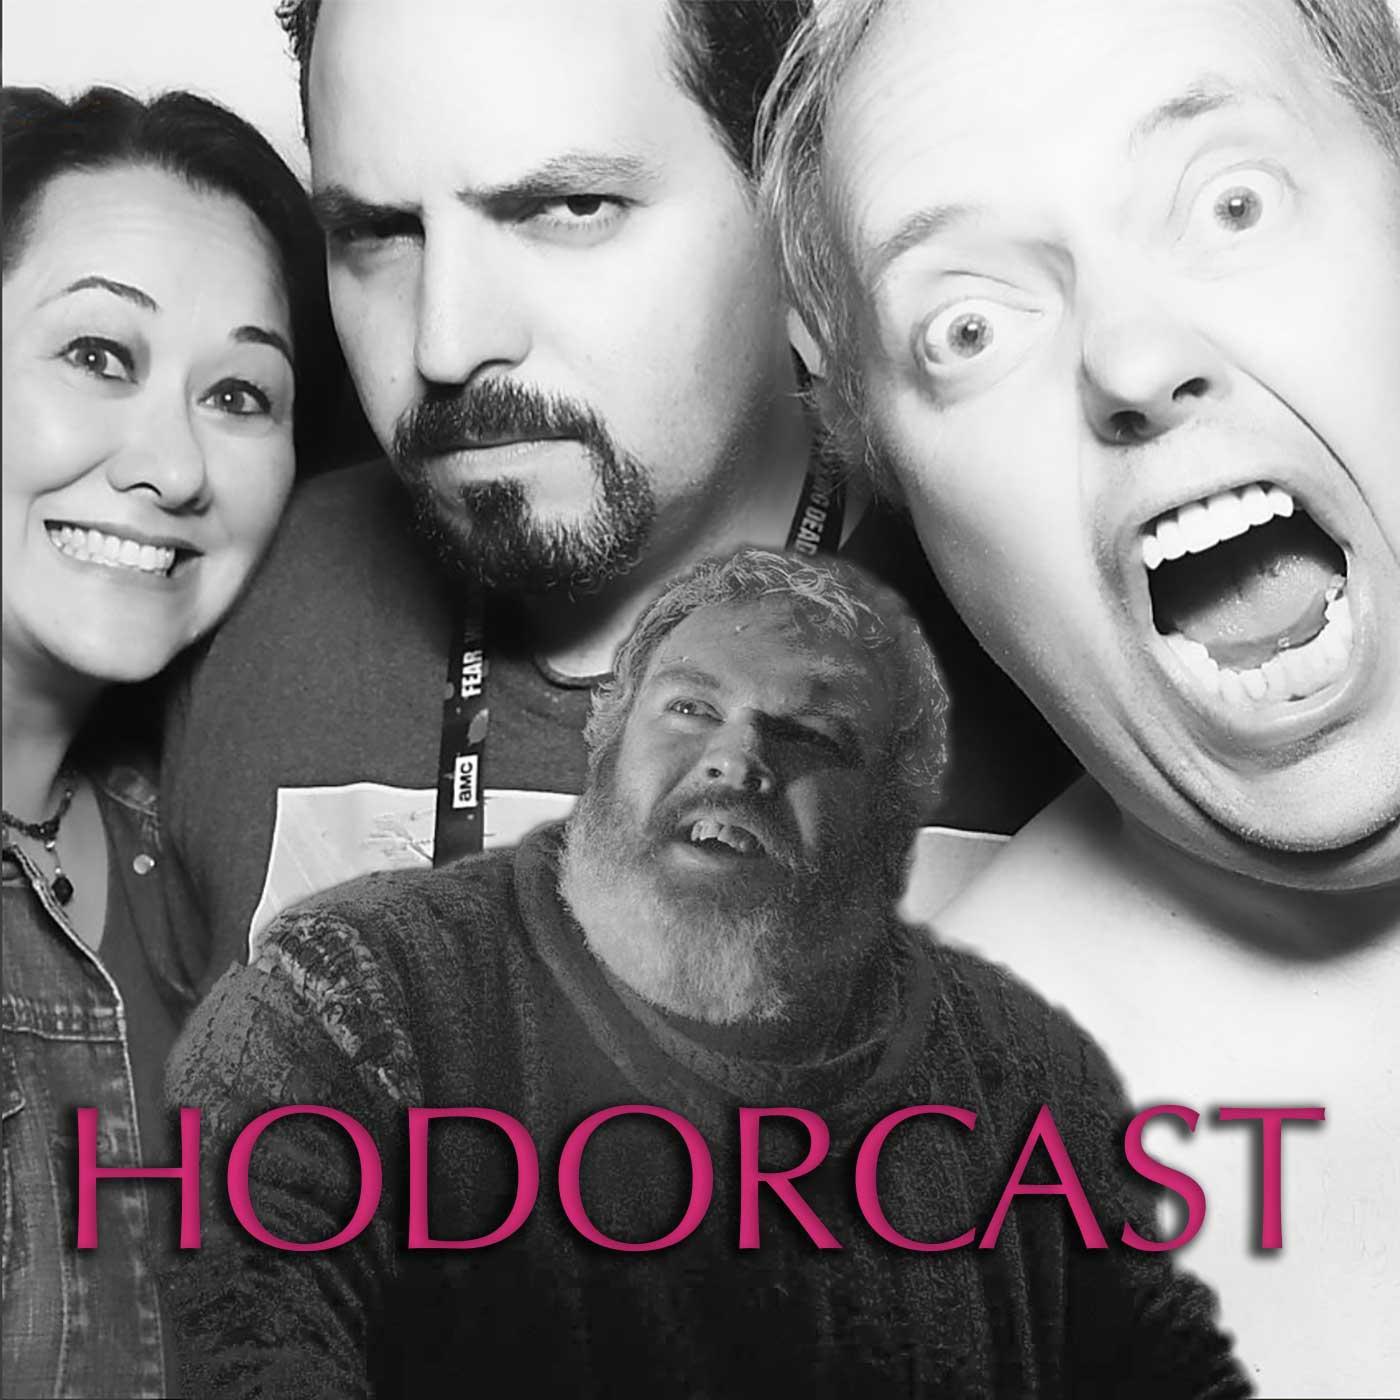 Hodorcast